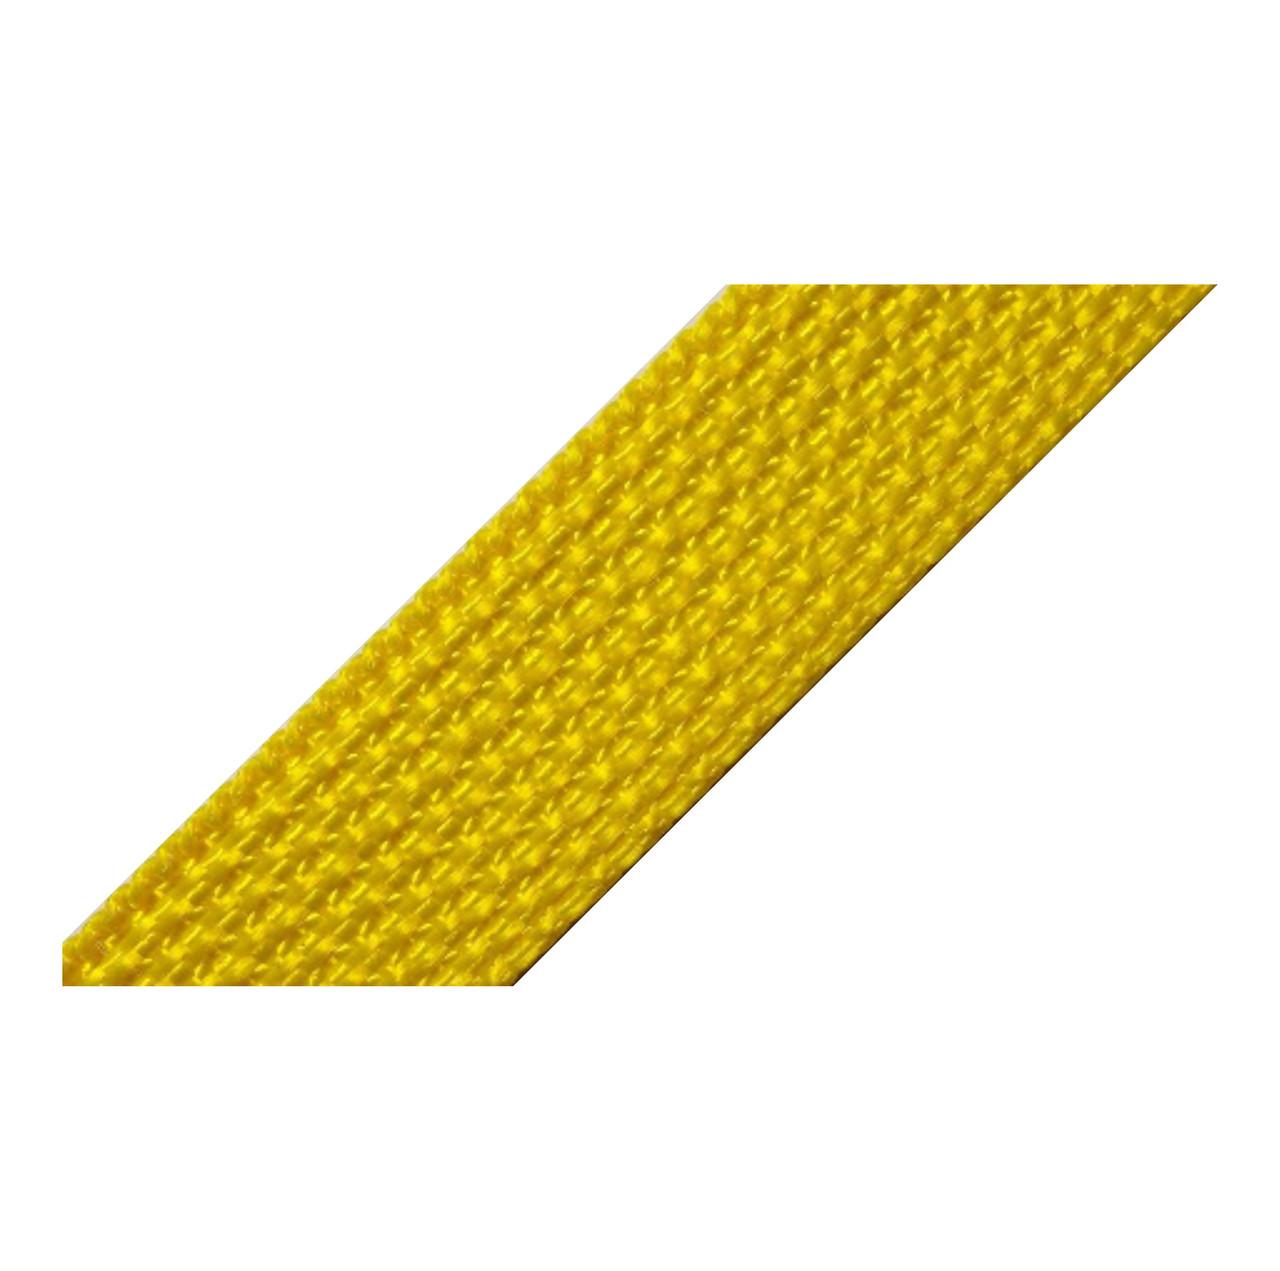 Лента ременная 100% Полипропилен 20мм цв желтый (боб 50м)  Укр-з